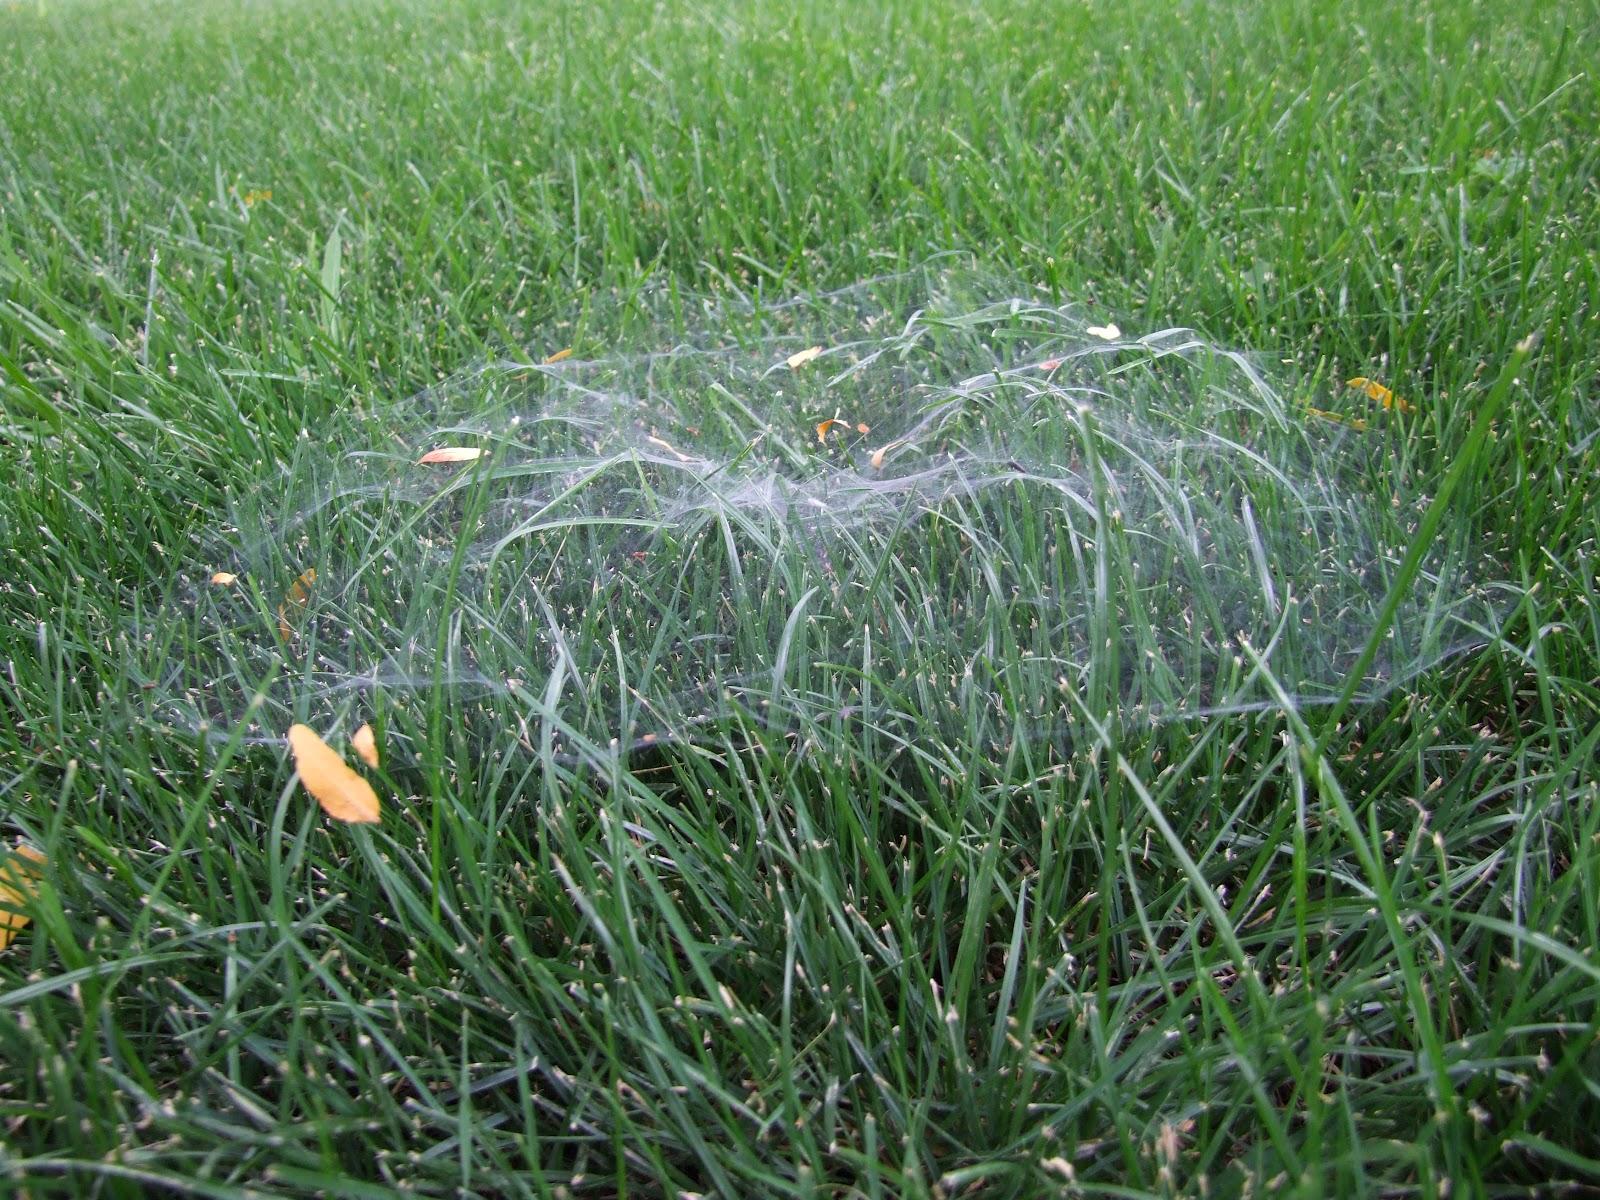 skunk tracks funnel weaver spider a k a grass spider